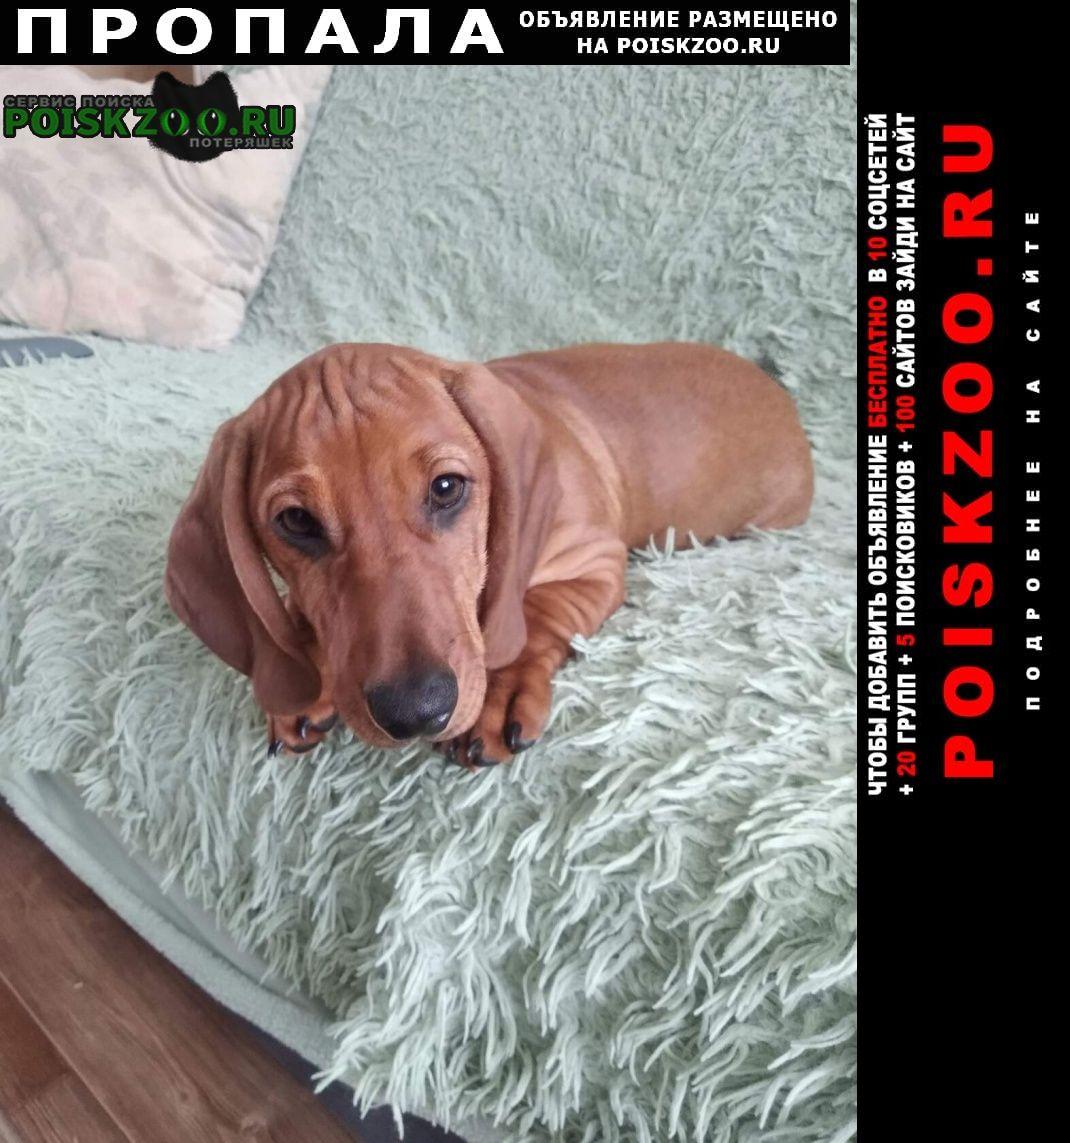 Пропала собака кобель Великодворский